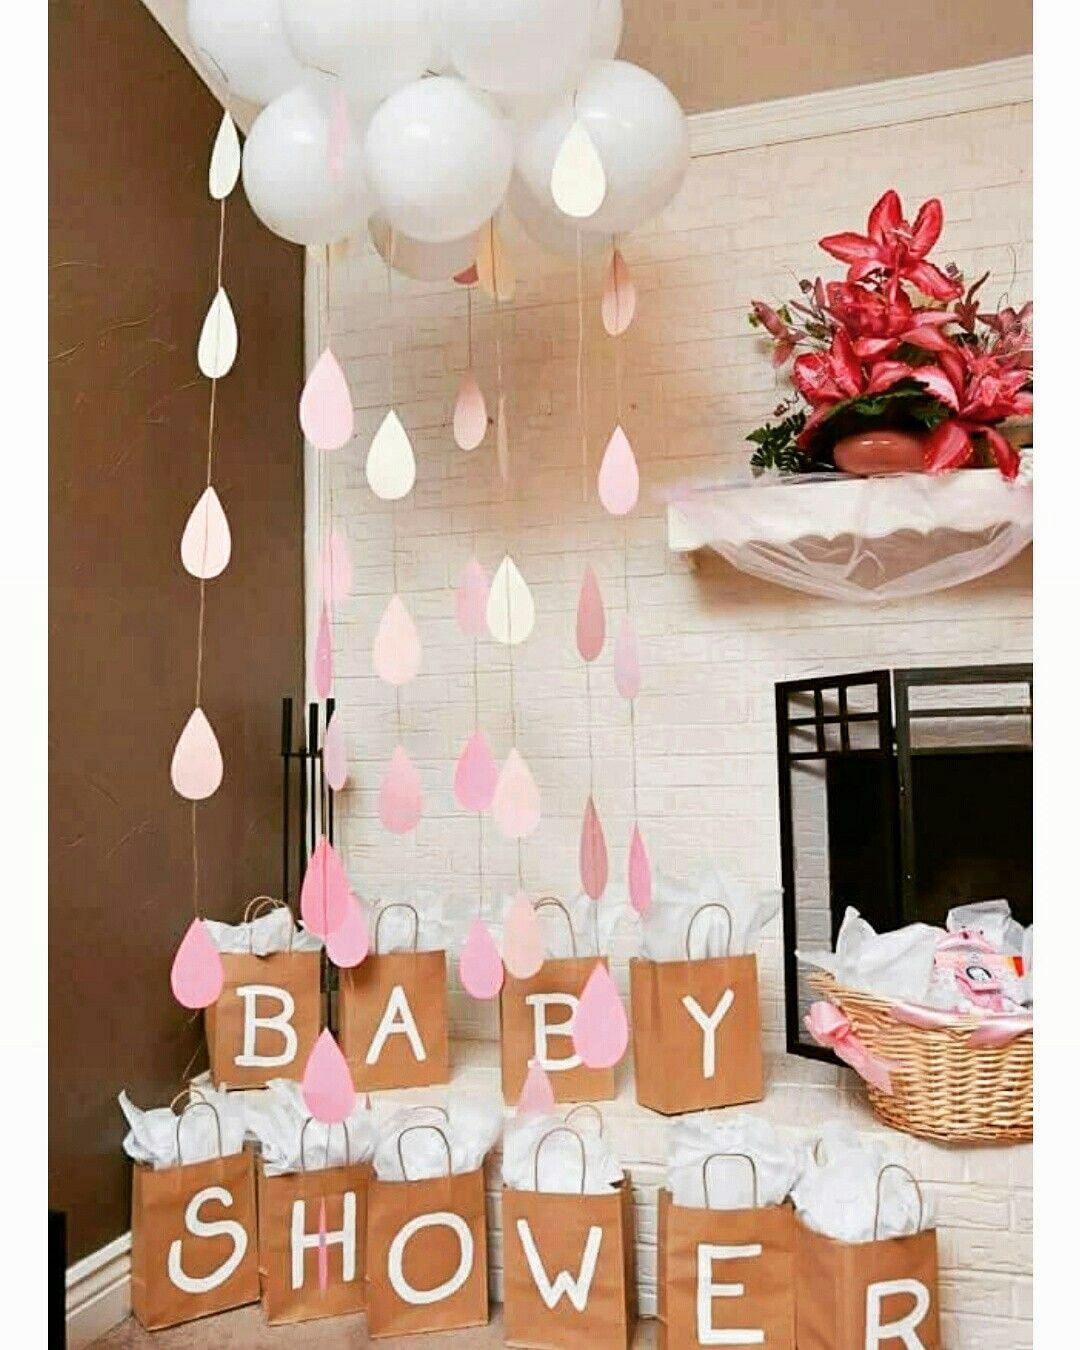 53a89d0b3 Babby Shower Ideas, Baby Shower Girl Games, Baby Shower Balloon Ideas, Girl  Baby